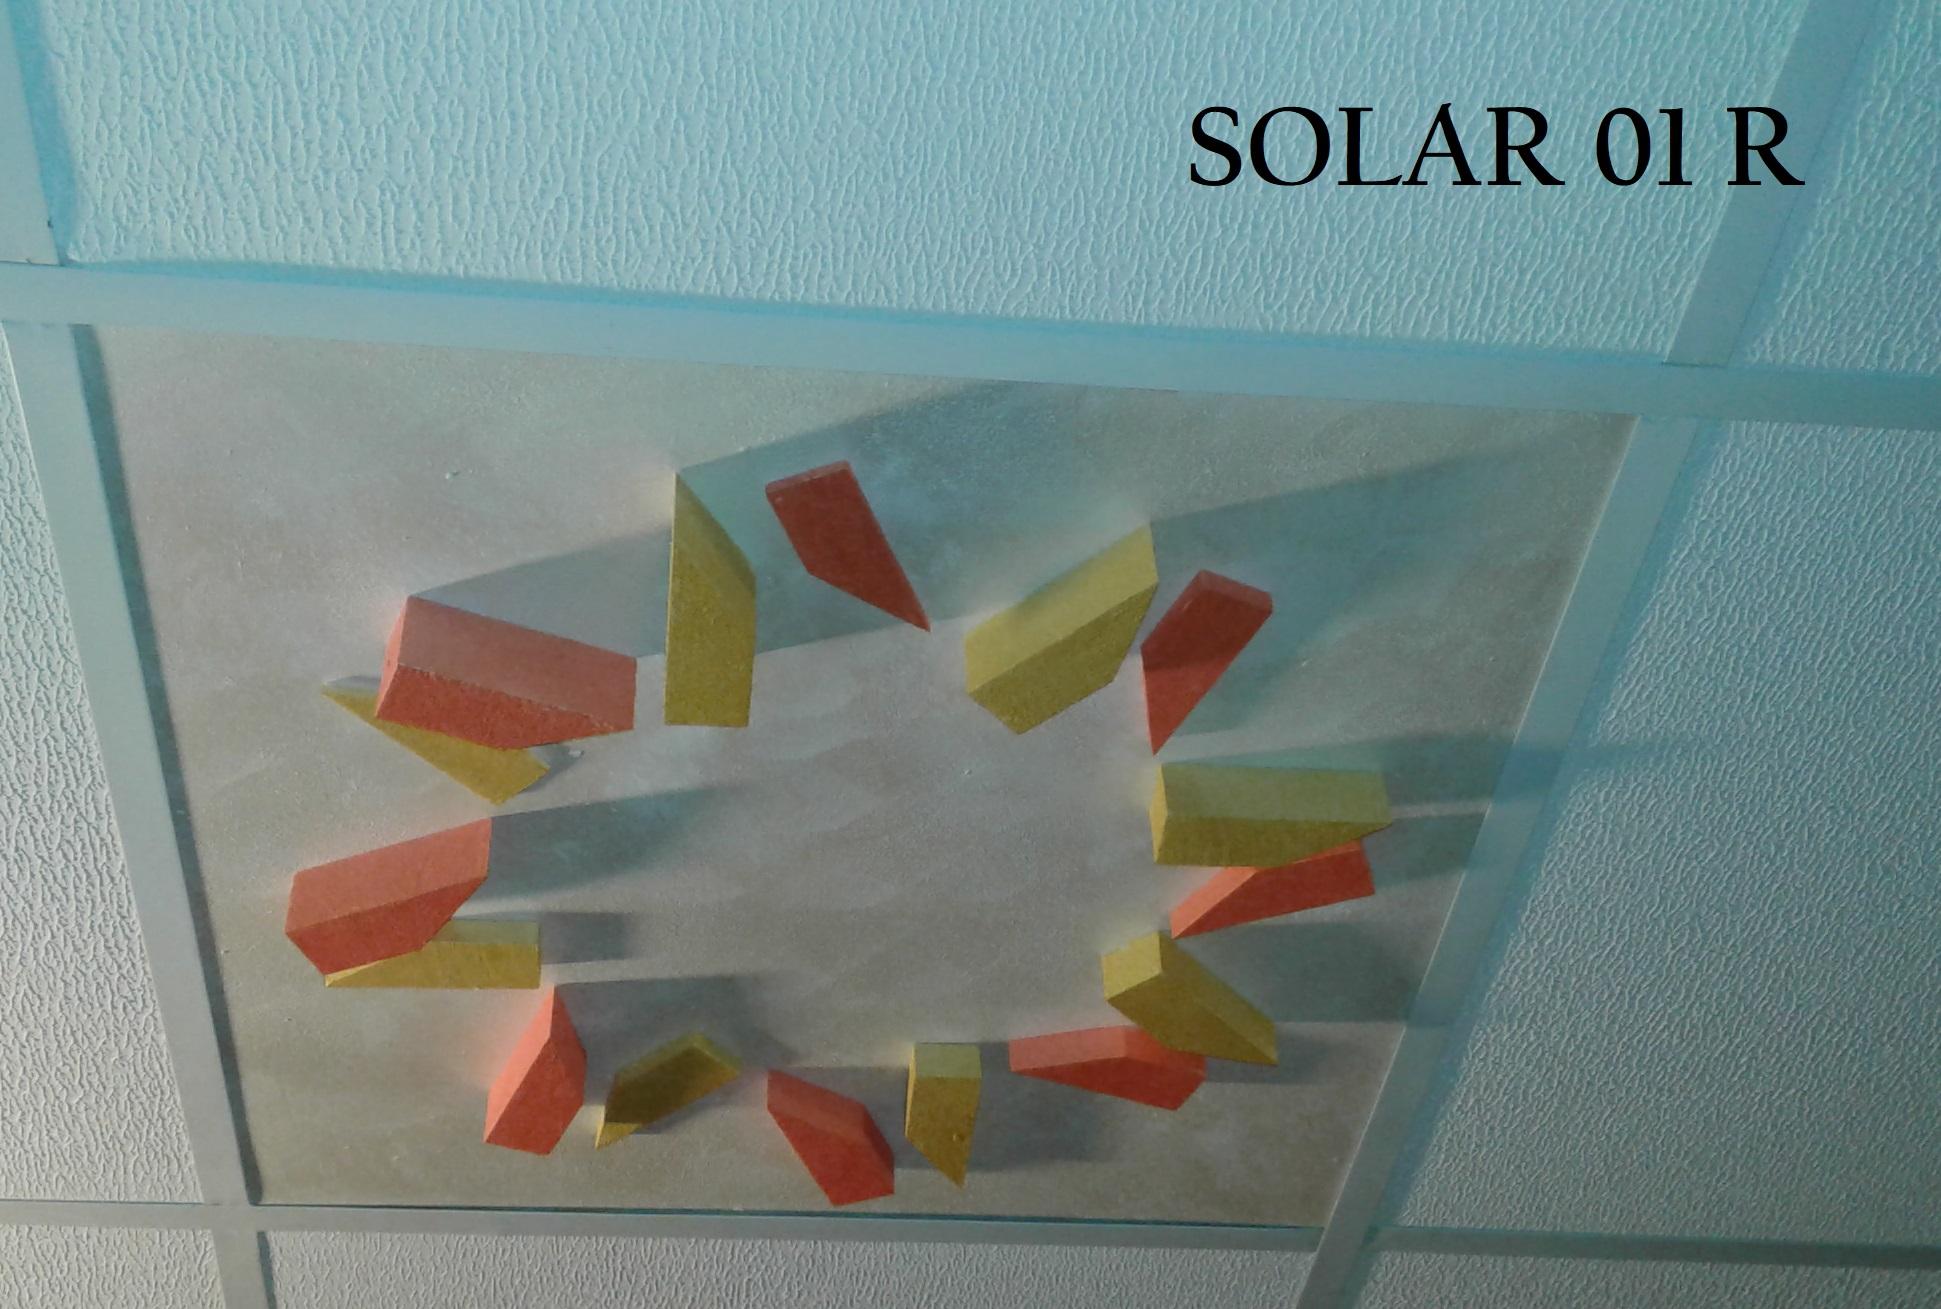 SOLAR 01 R